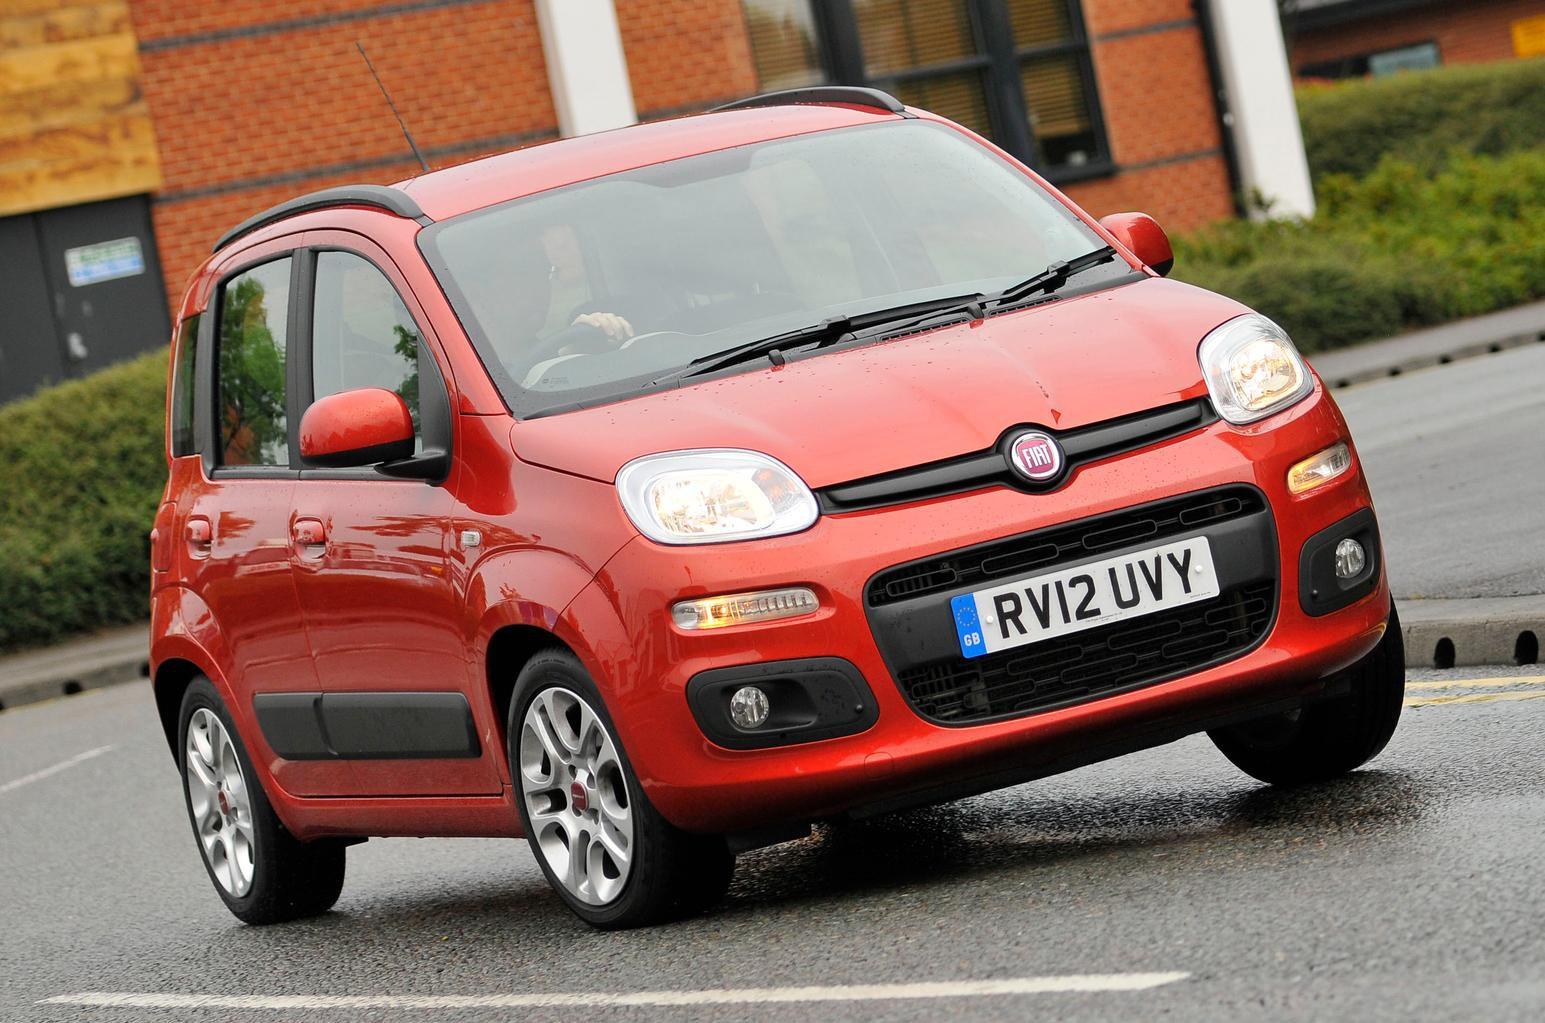 Used test – clever city cars: Fiat Panda vs Skoda Citigo